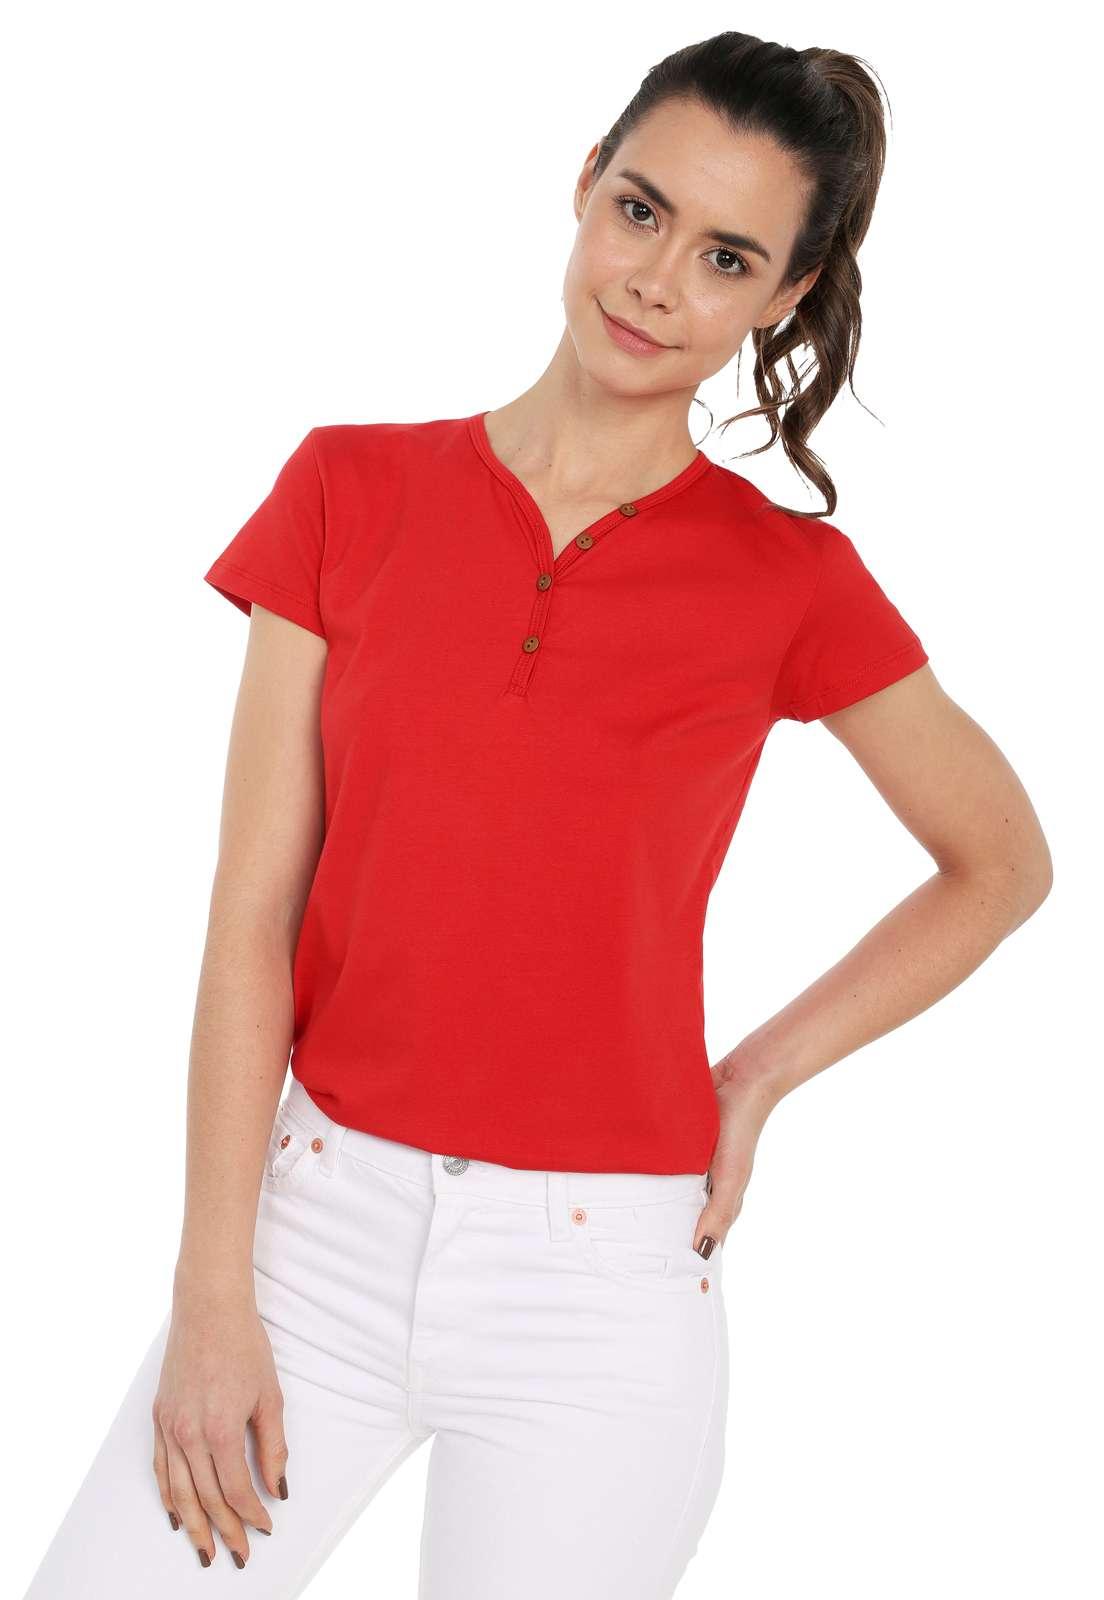 Camiseta Mujer Con Botones Licrada - Rojo | Polovers